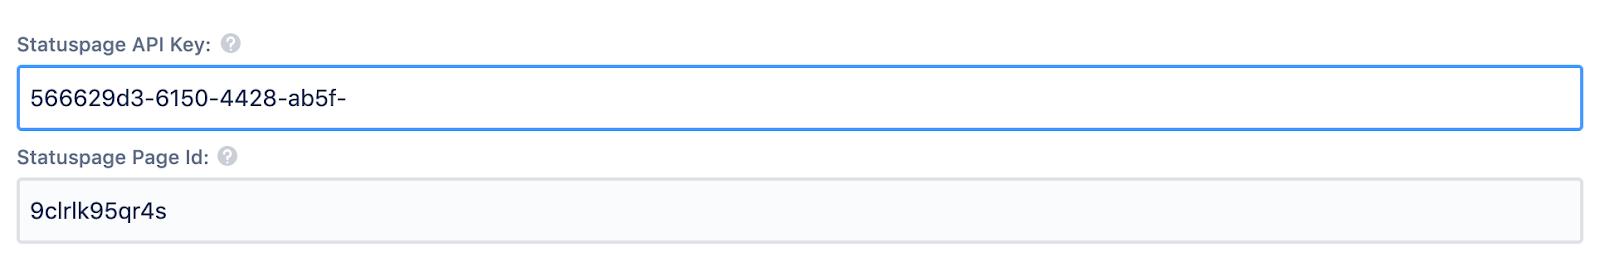 Clé d'API et ID Statuspage